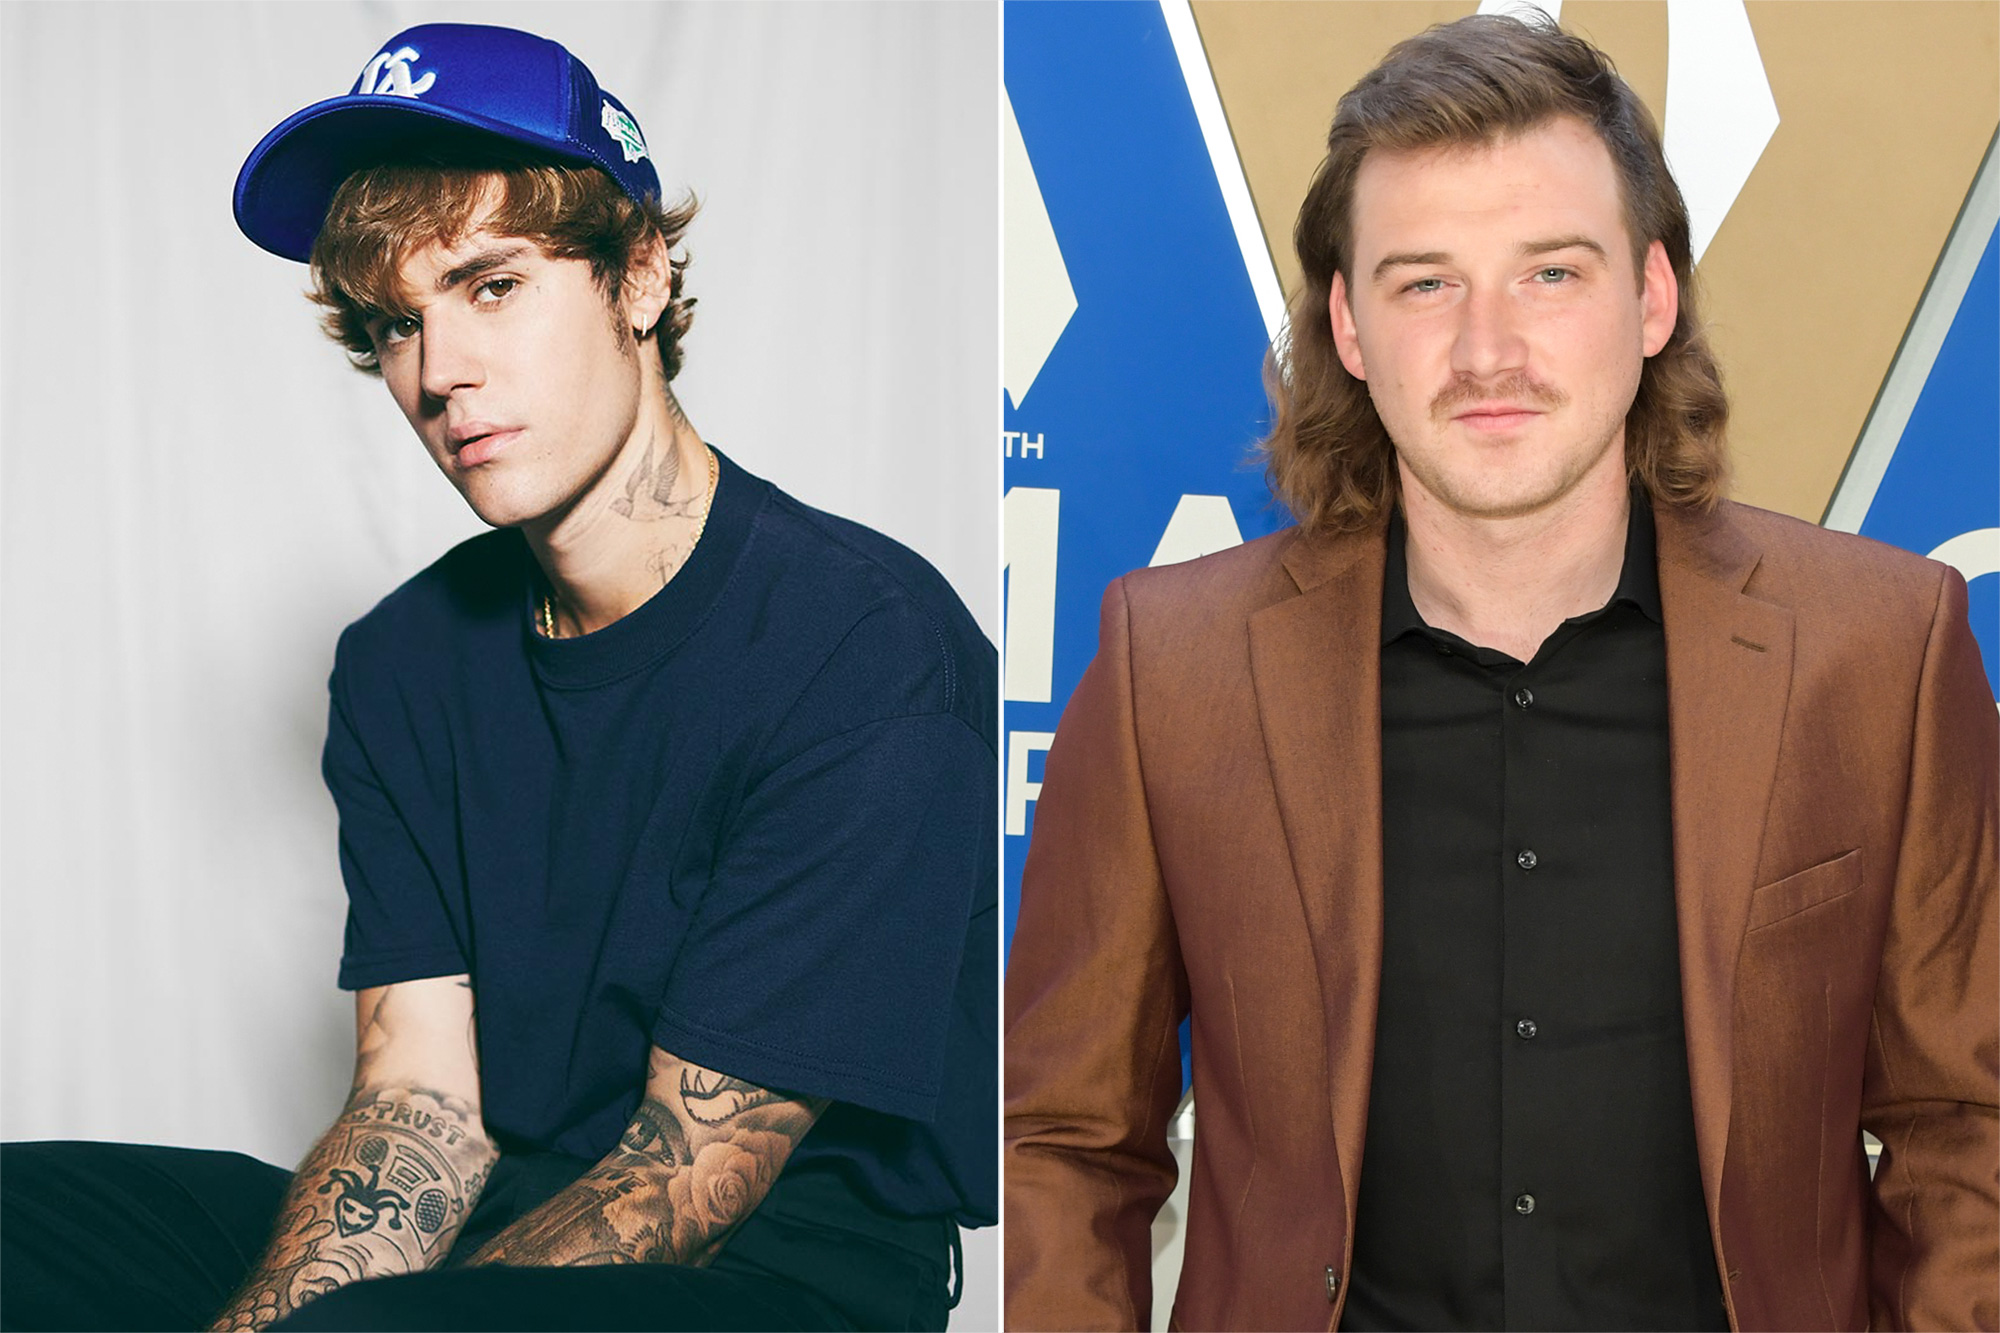 (L-R) Justin Bieber, Morgan Wallen